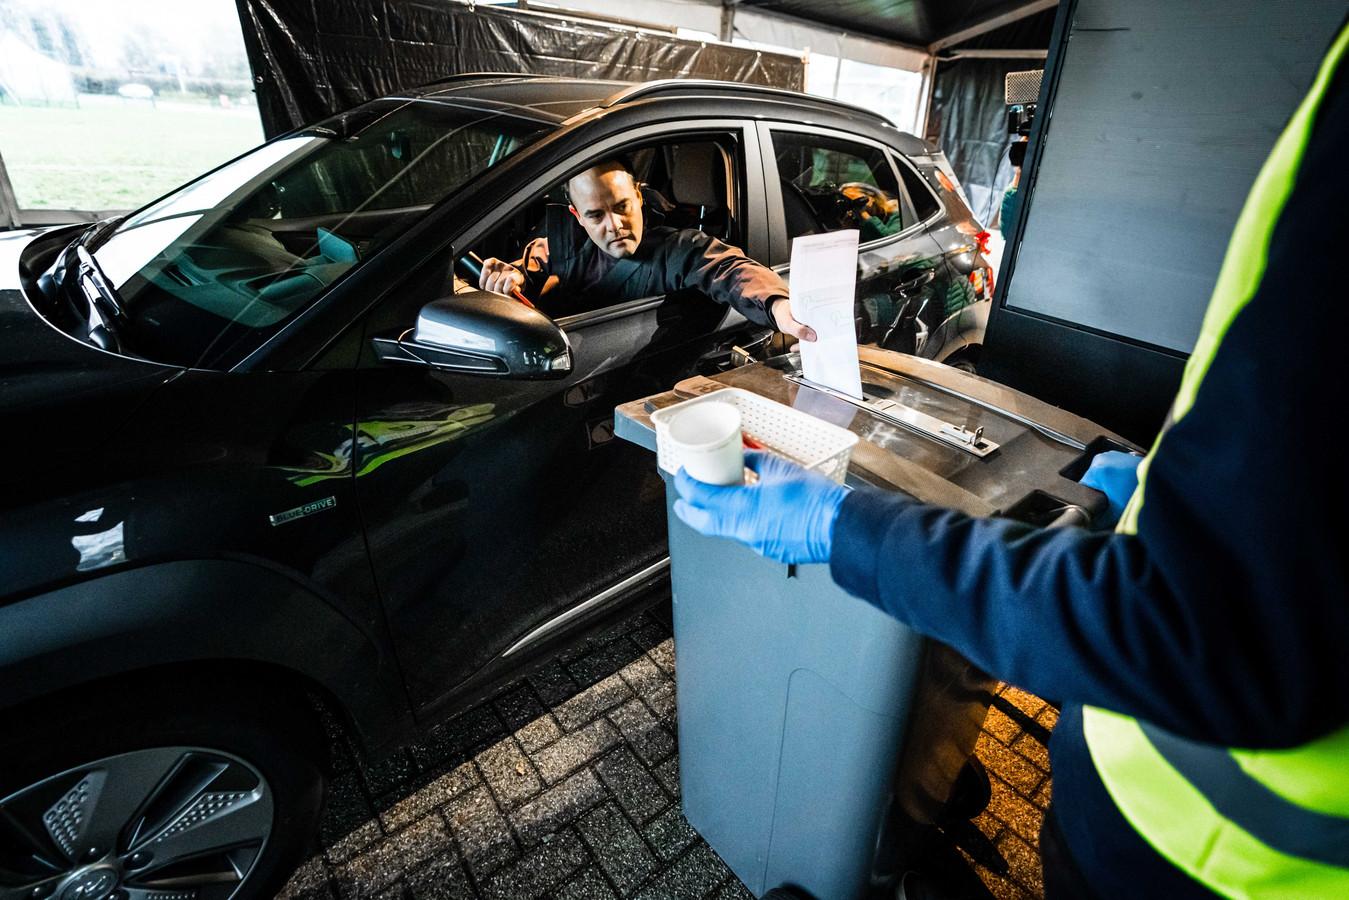 Vught had november dit jaar, tijdens verkiezingen vanwege een gemeentelijke herindeling, de landelijke primeur met een drive-through stembureau